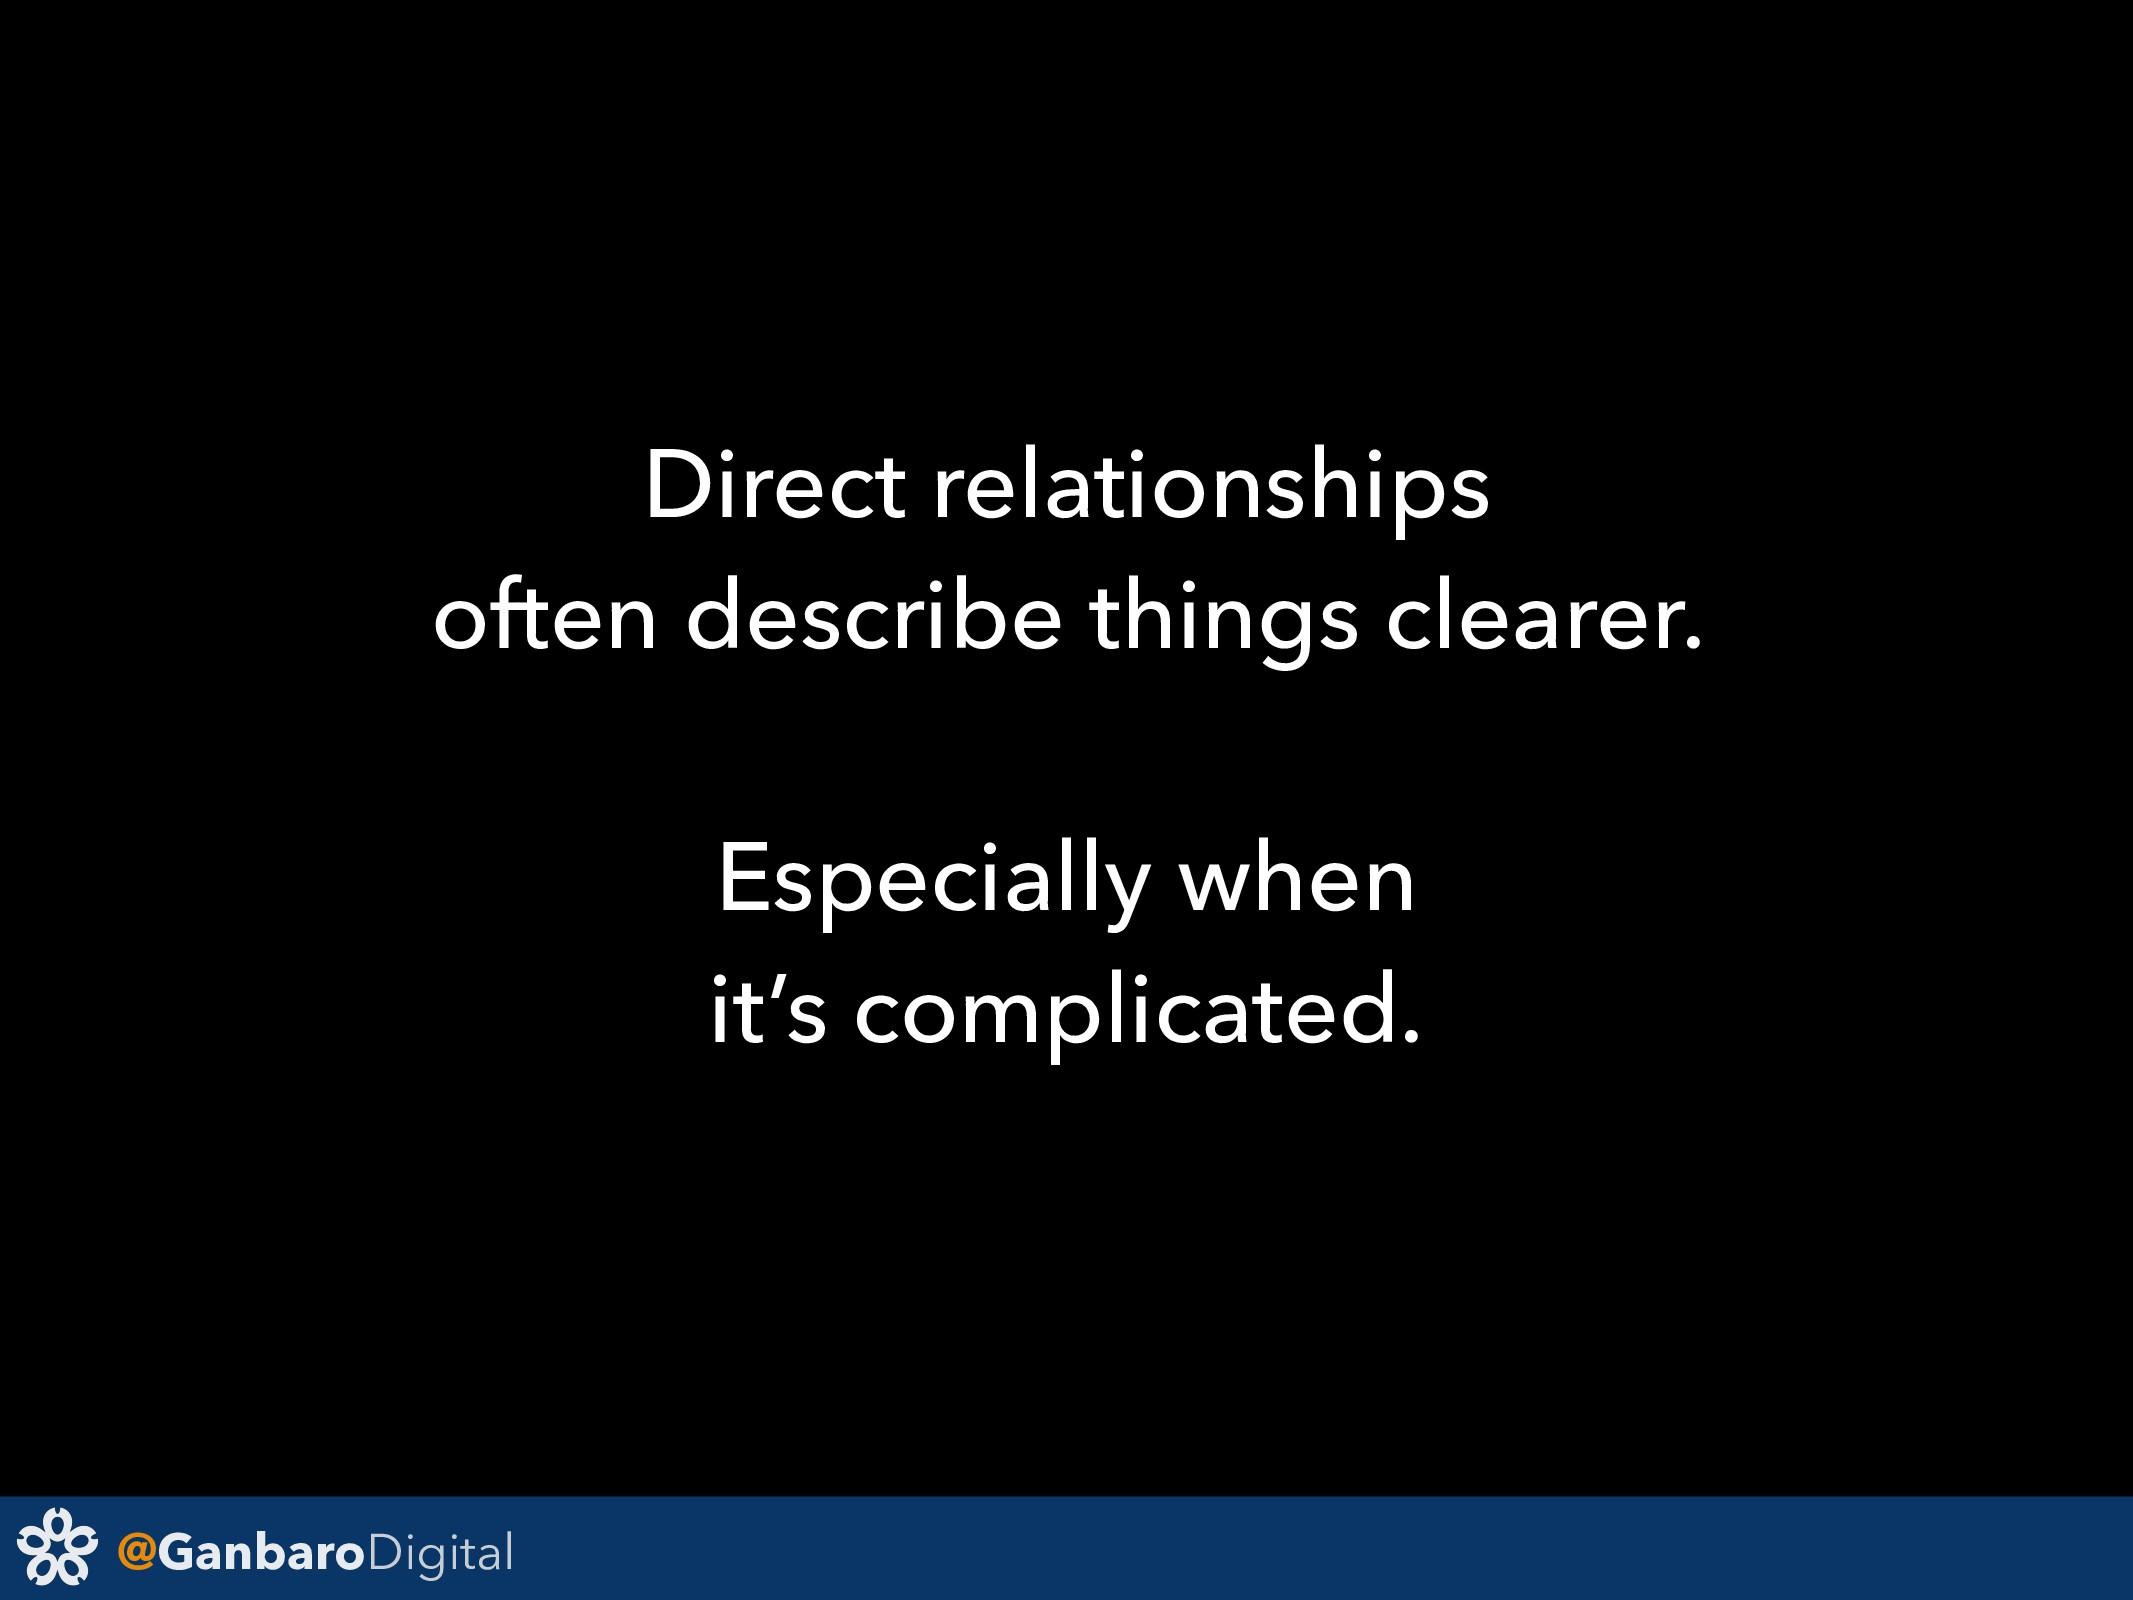 @GanbaroDigital Direct relationships often desc...